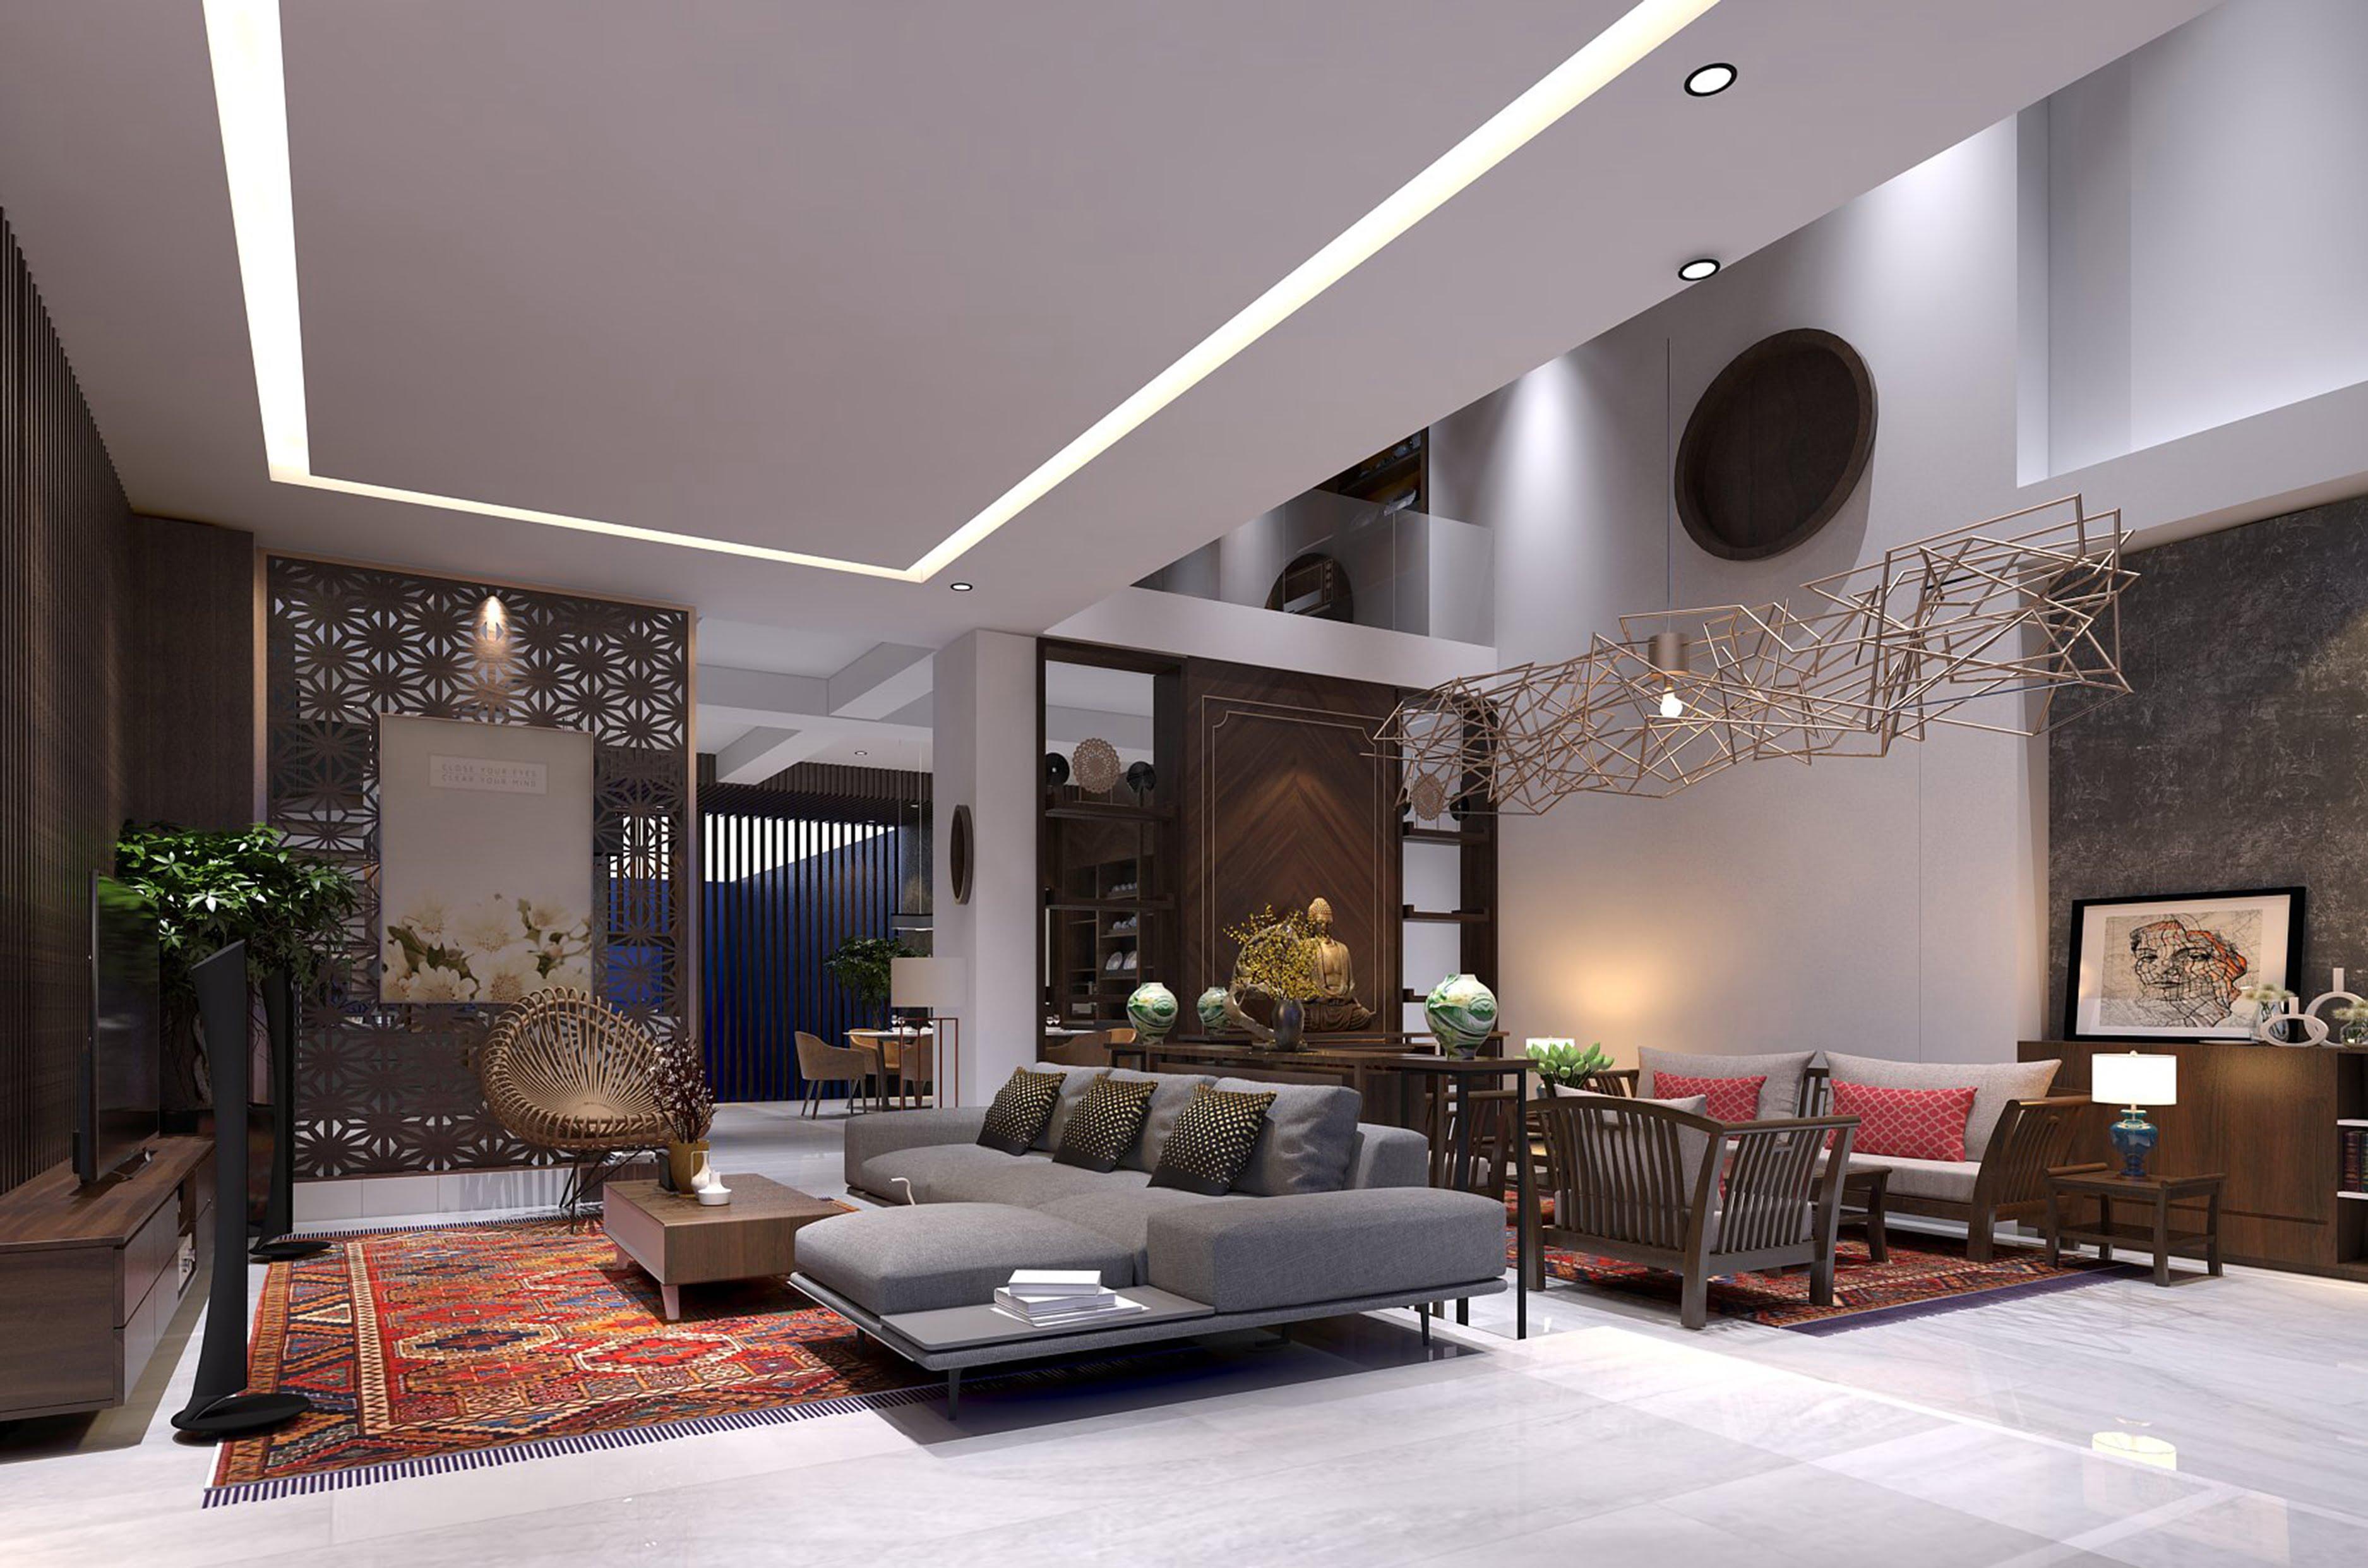 thiết kế biệt thự vườn 3 tầng mái thái 180m2 6